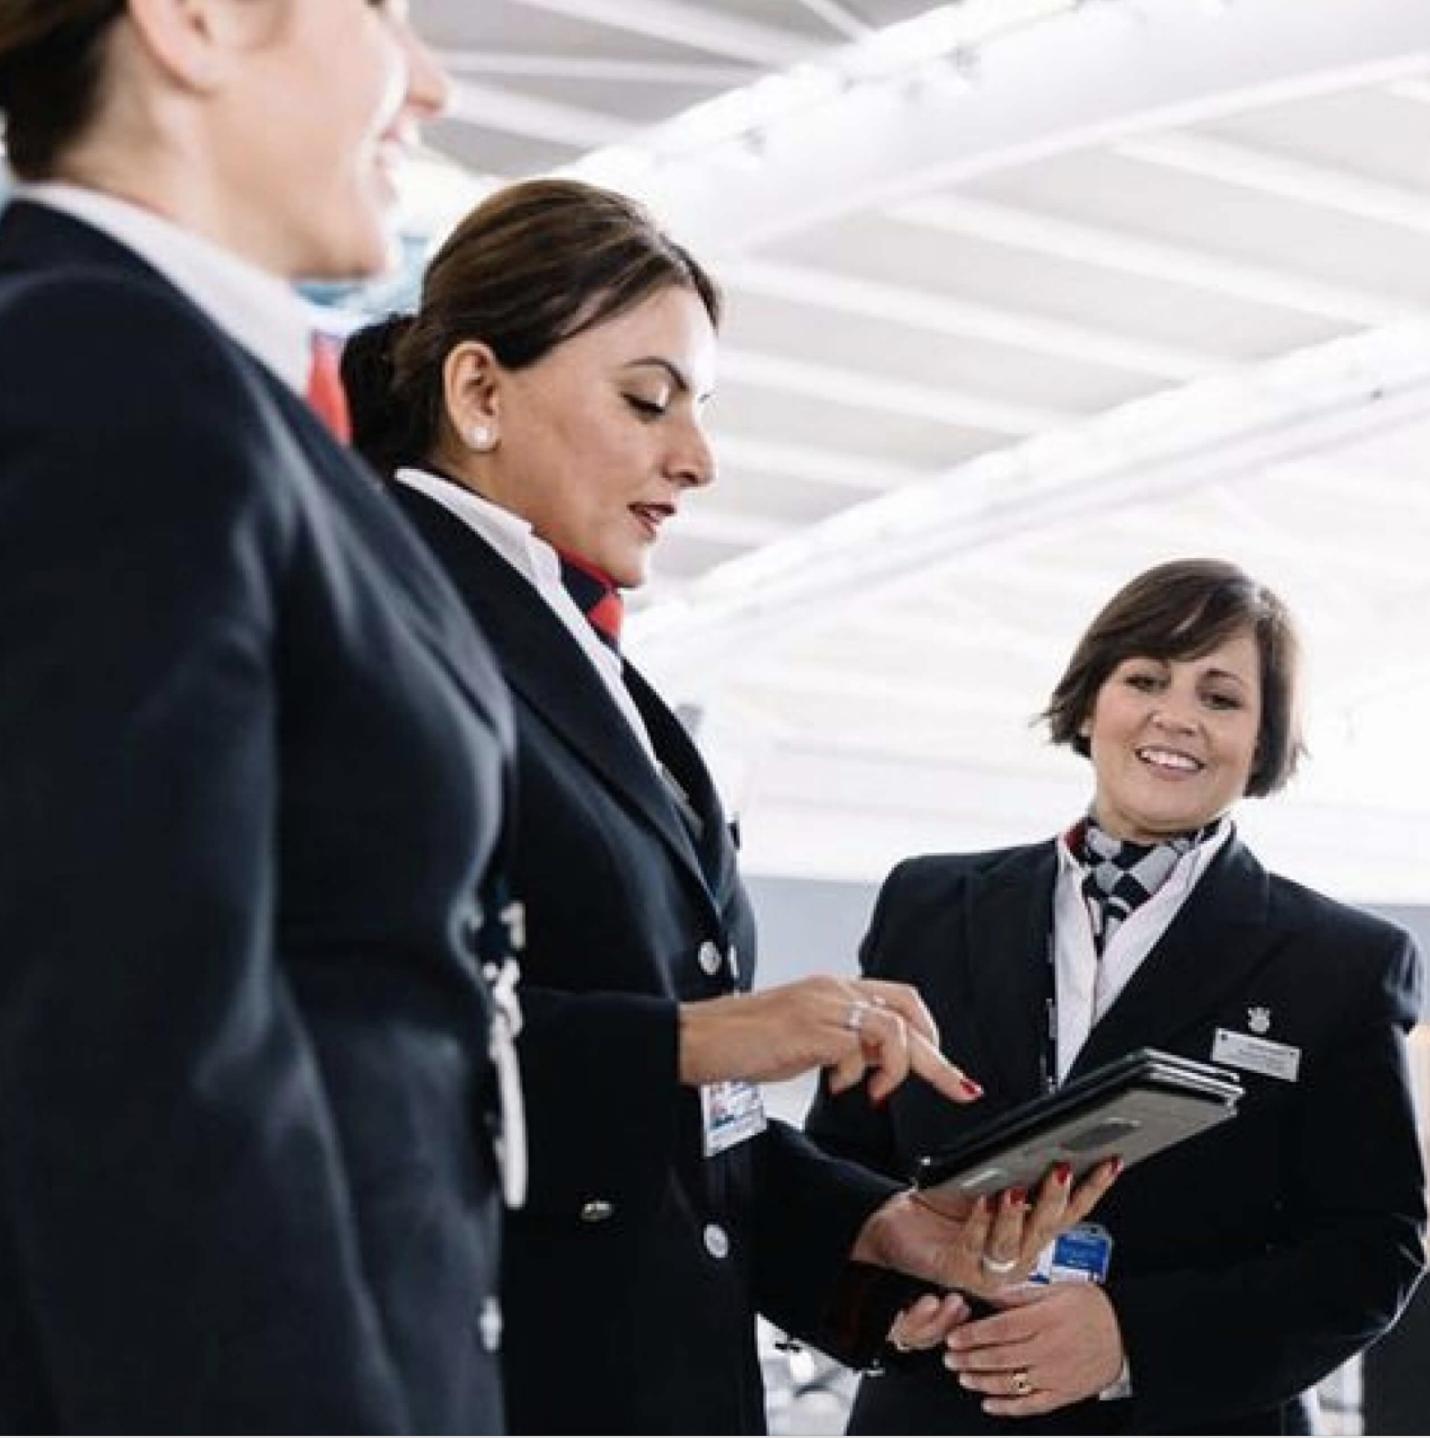 British Airways case study staff picture